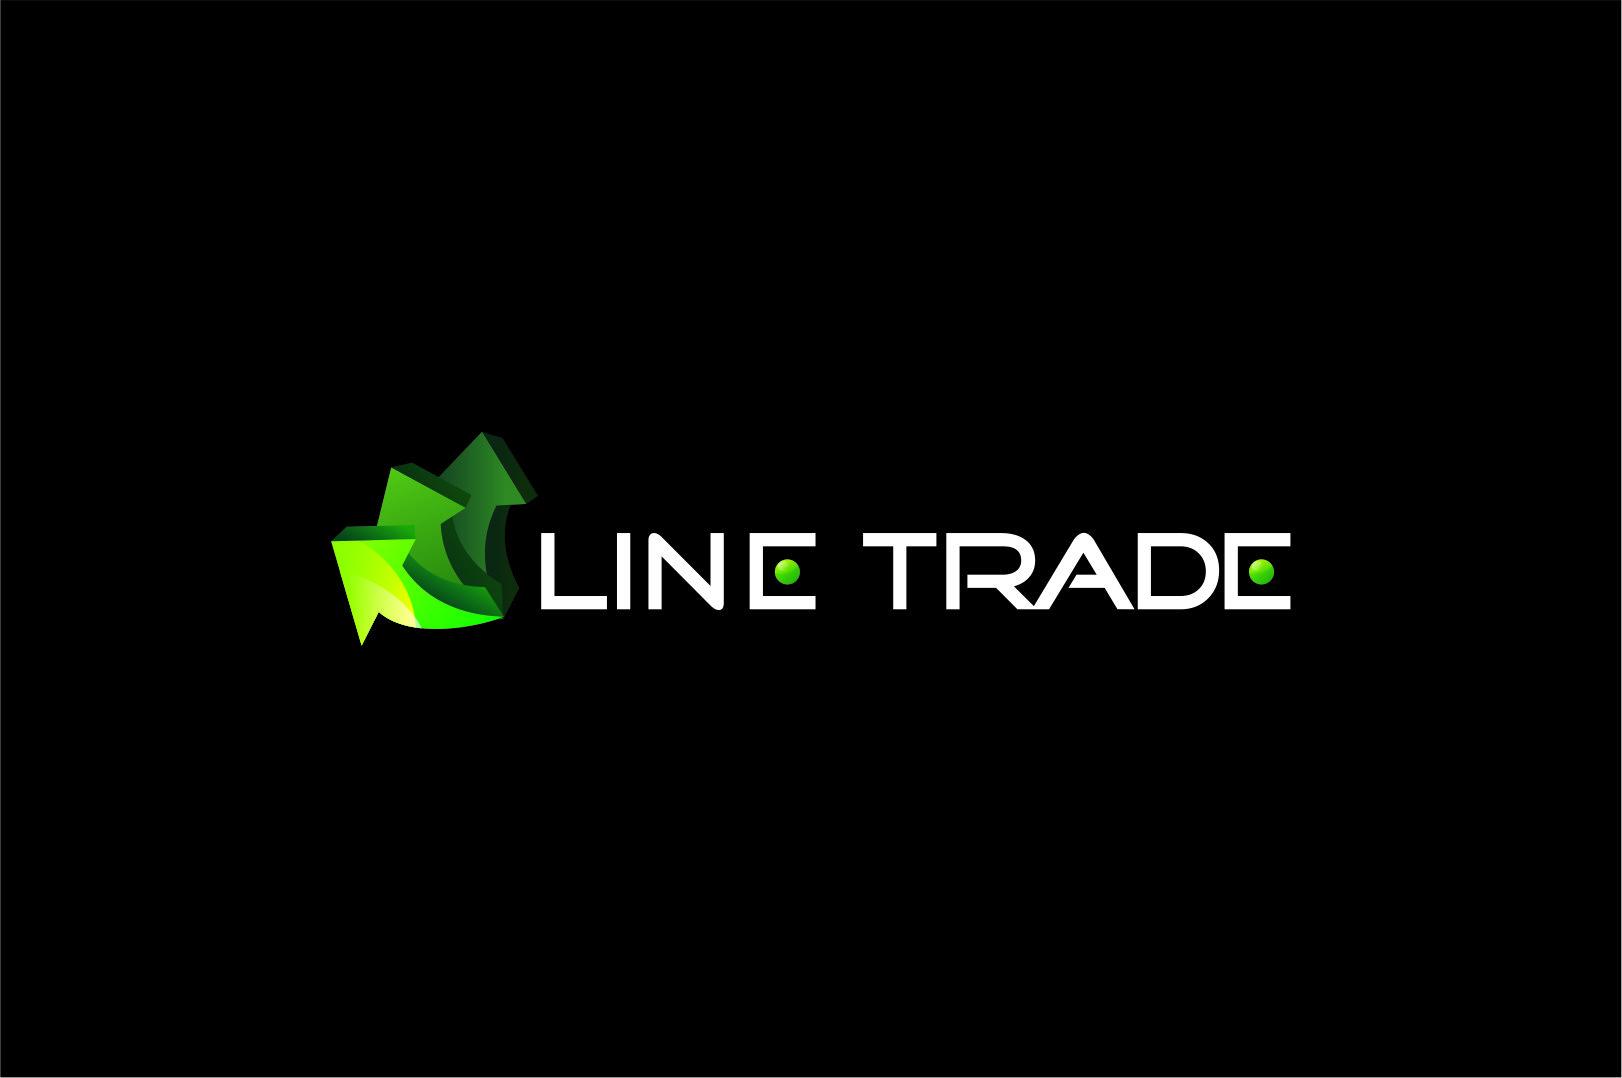 Разработка логотипа компании Line Trade фото f_20250f7a8d76ea13.jpg